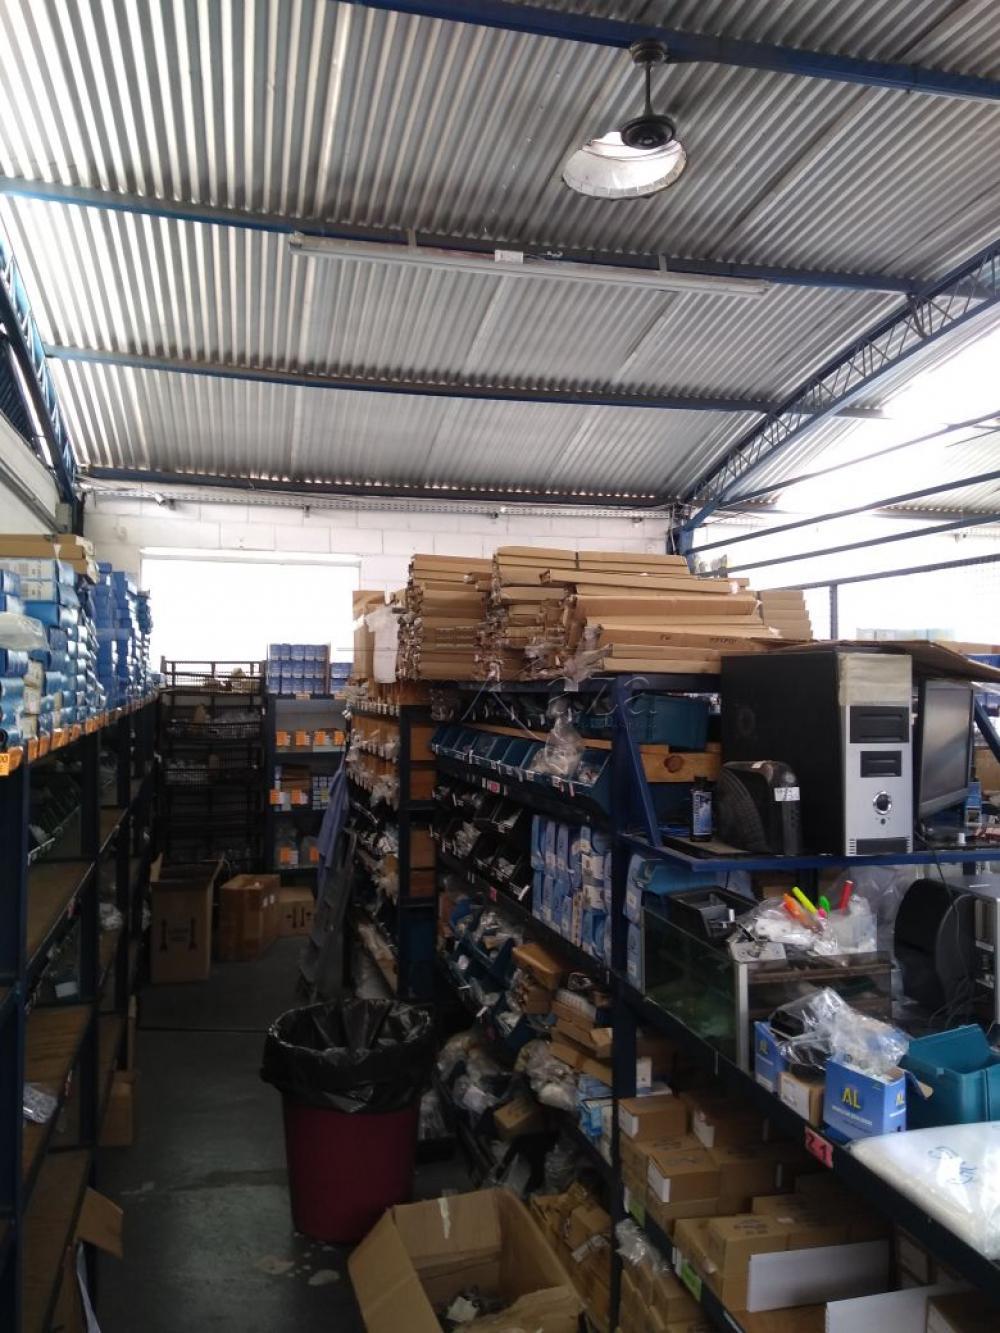 Alugar Comercial/Industrial / Galpão em São José dos Campos R$ 16.000,00 - Foto 5